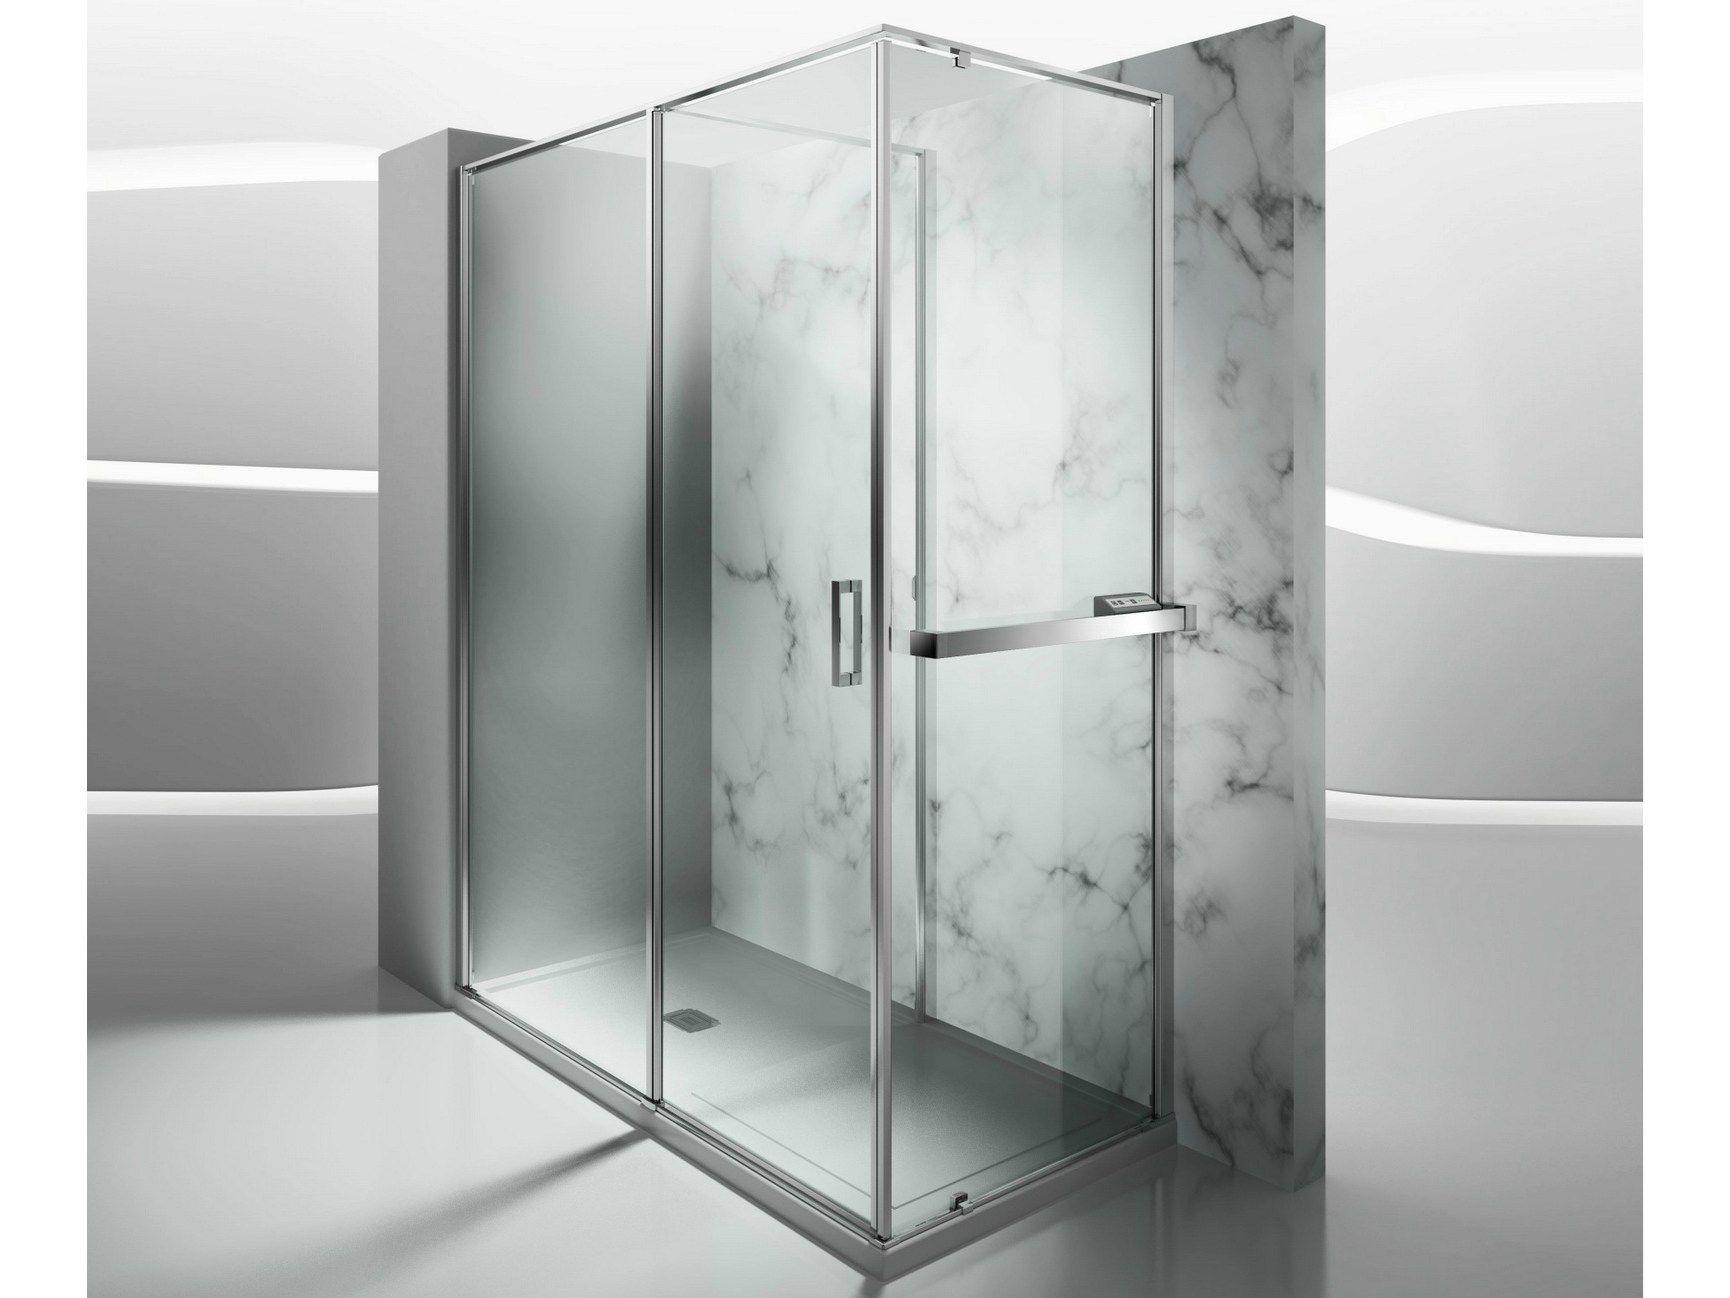 Paroi de douche chauffante sur mesure en verre tremp for Parois de douche en verre